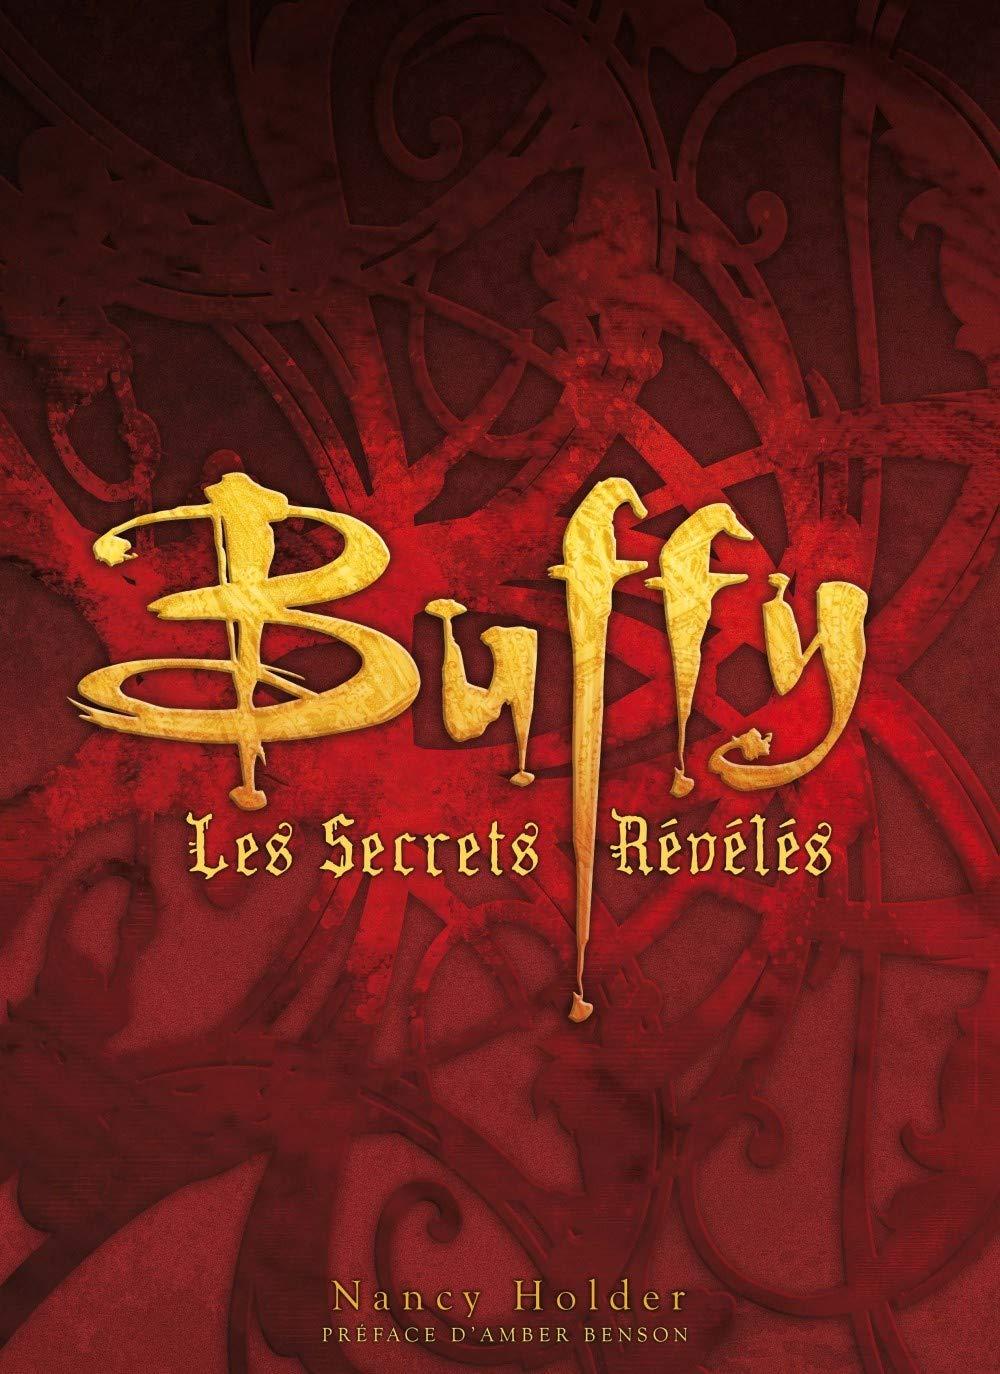 Secrets reveles